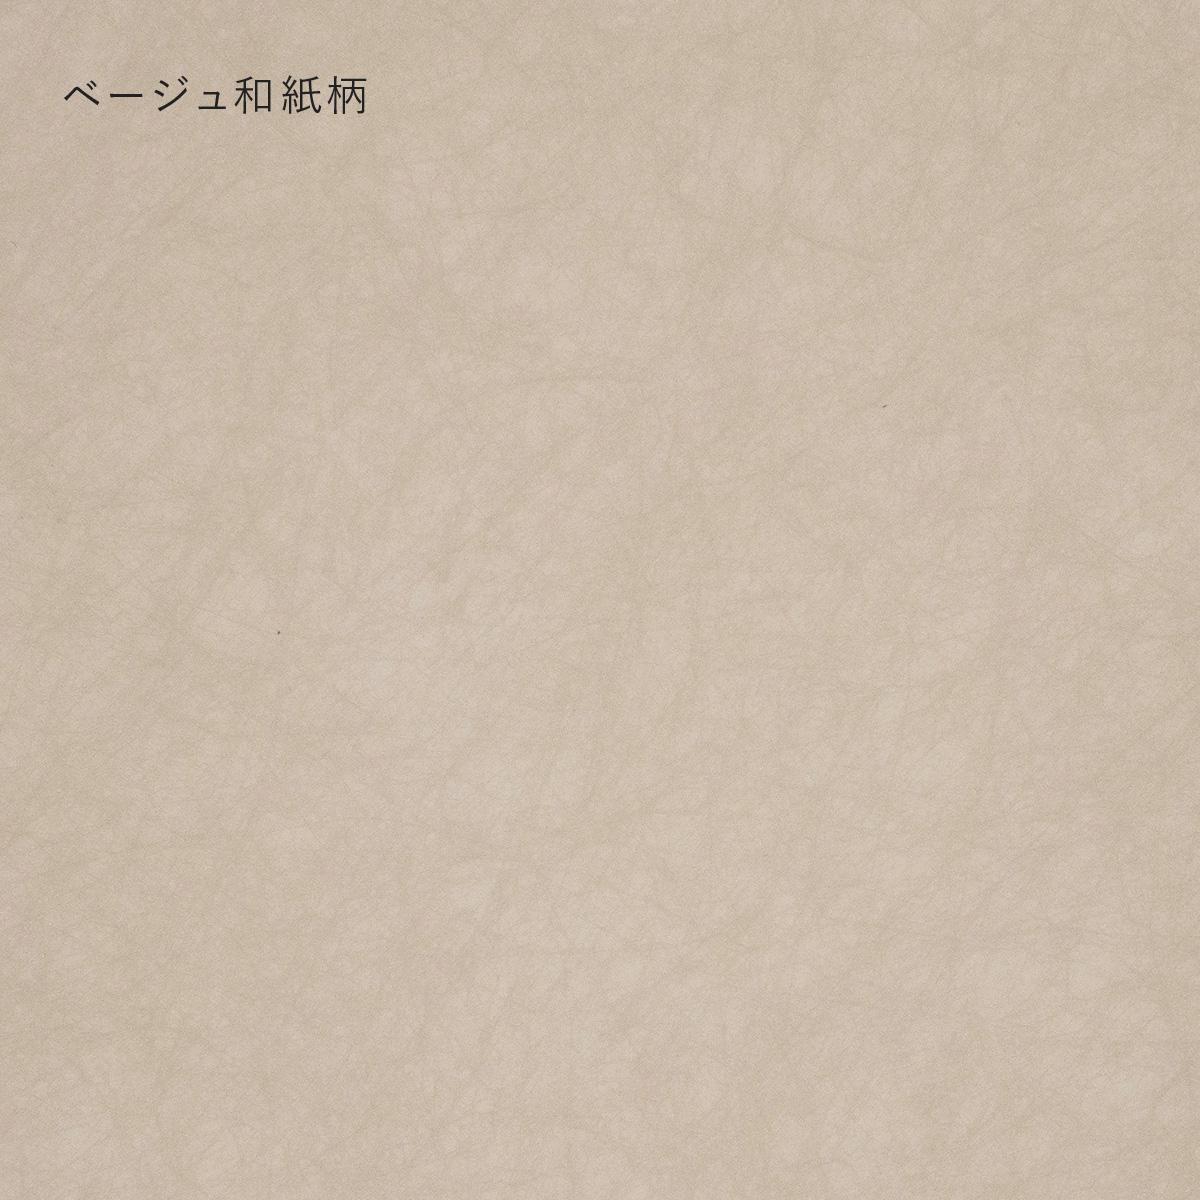 【V-TISS LIGHT】 天板 2モジュール幅(背面溝あり)